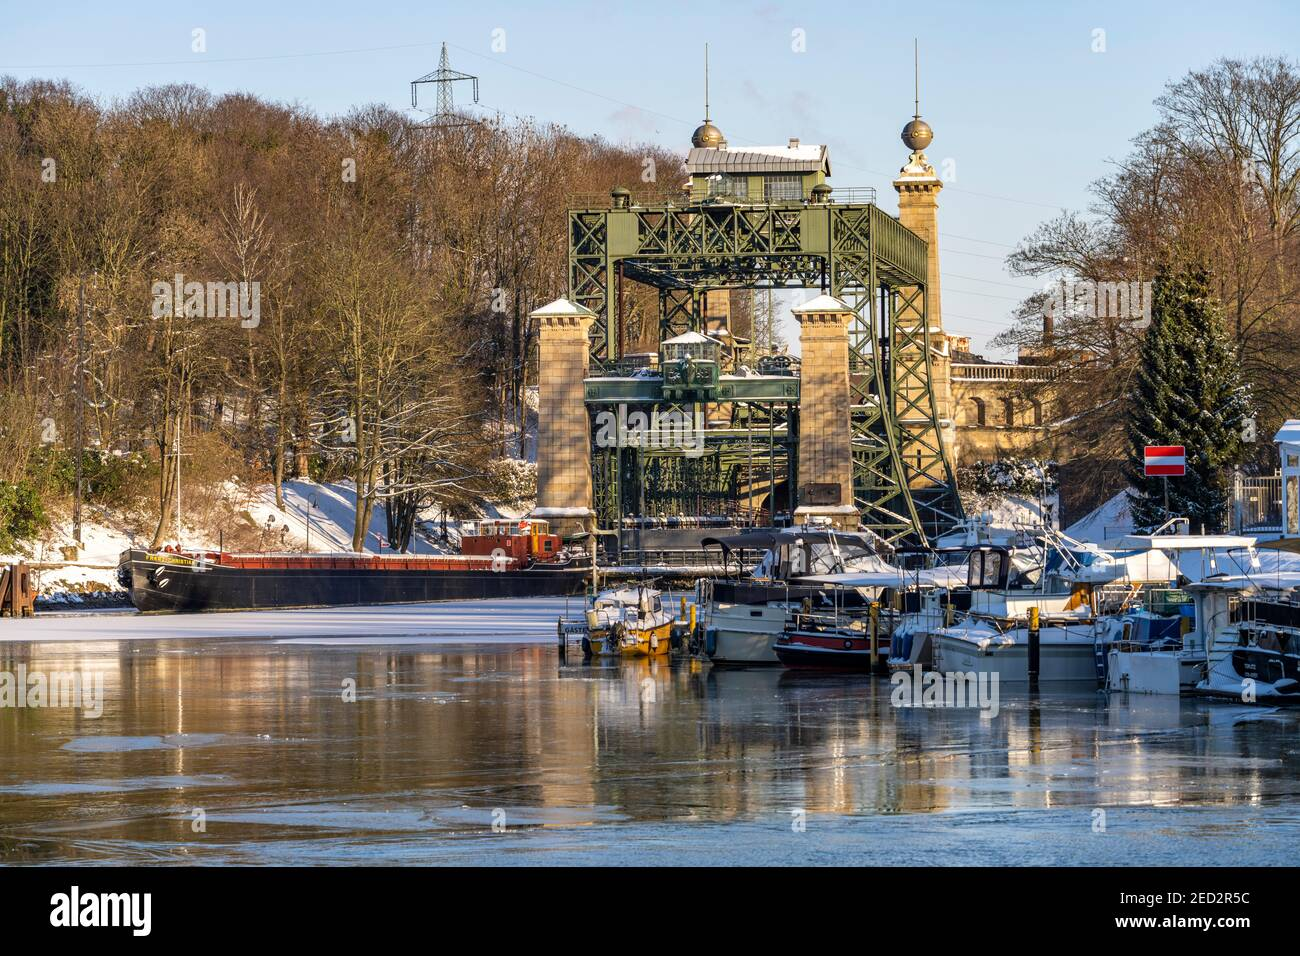 Das alte Schiffshebewerk Henrichenburg am Dortmund-Ems-Kanal in Waltrop, Nordrhein-Westfalen, Deutschland, Europa | Historic Henrichenburg boat lift i Stock Photo